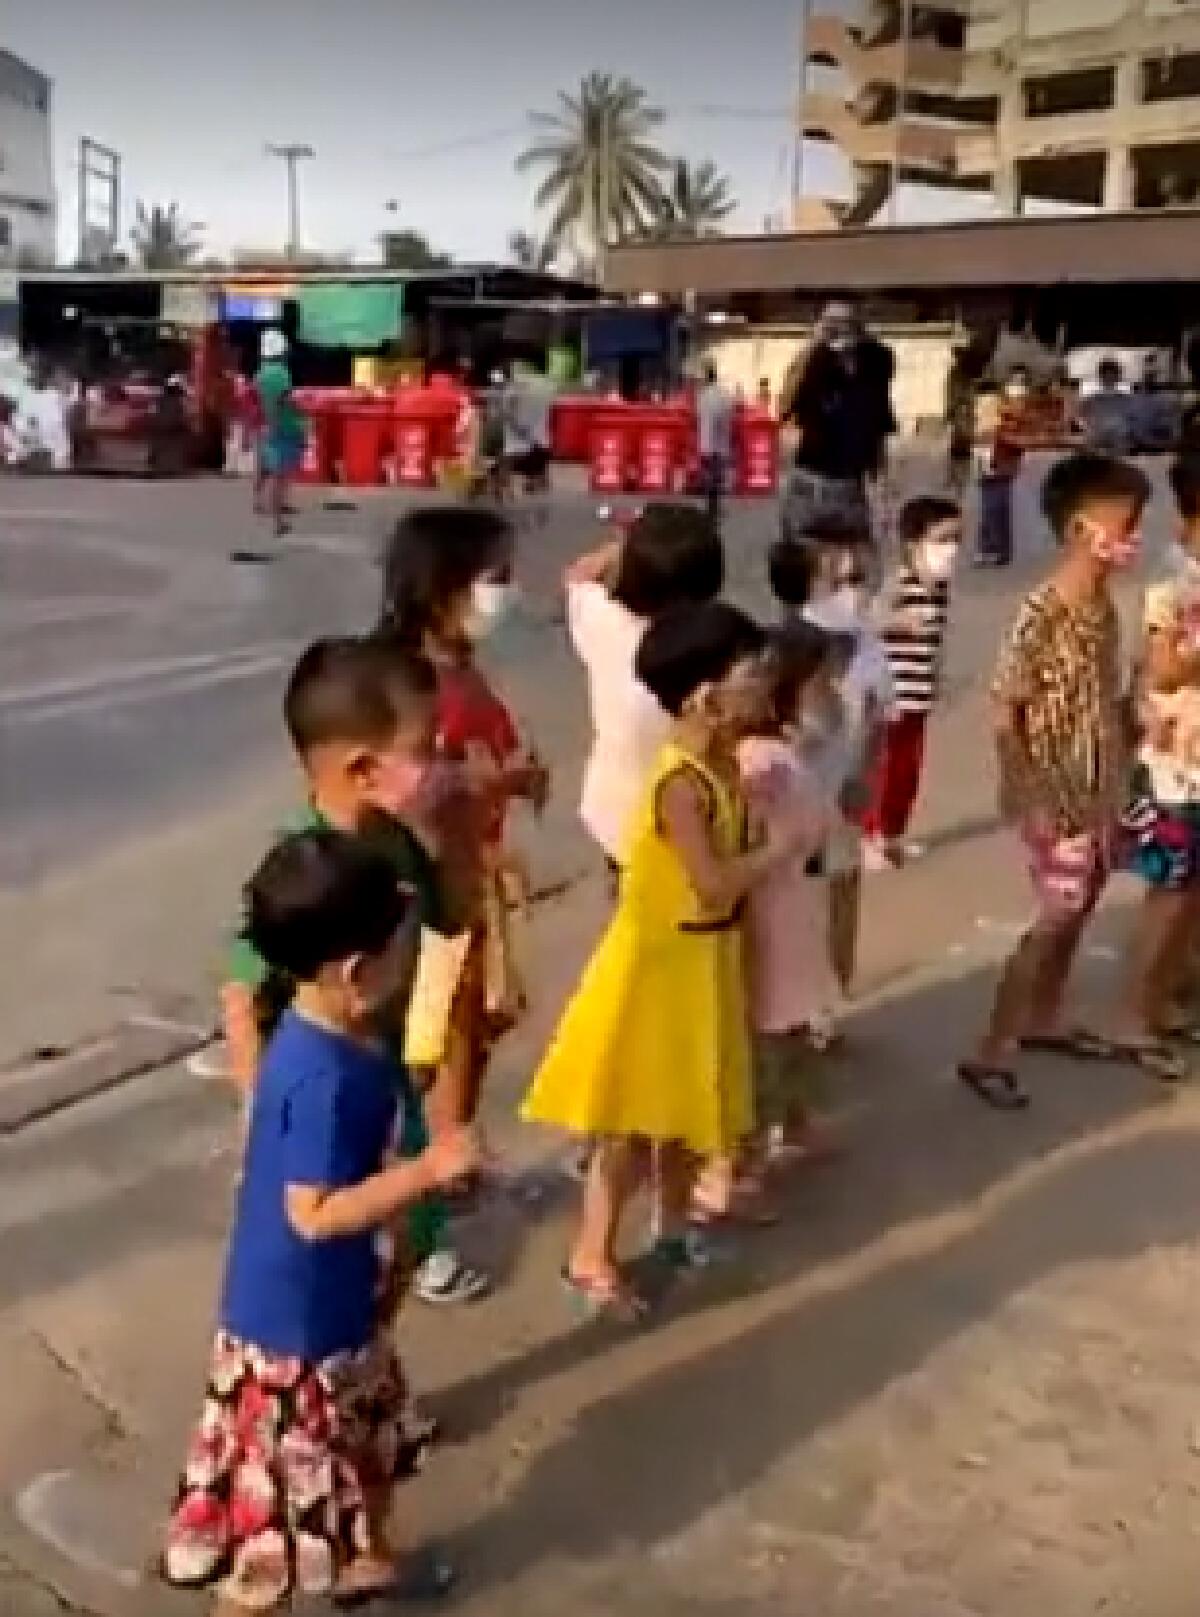 ยิ้มทั้งตลาดสมุทรสาคร นักรบชุดขาวชวนเด็กๆลูกหลานต่างด้าว เต้นแก้เครียด